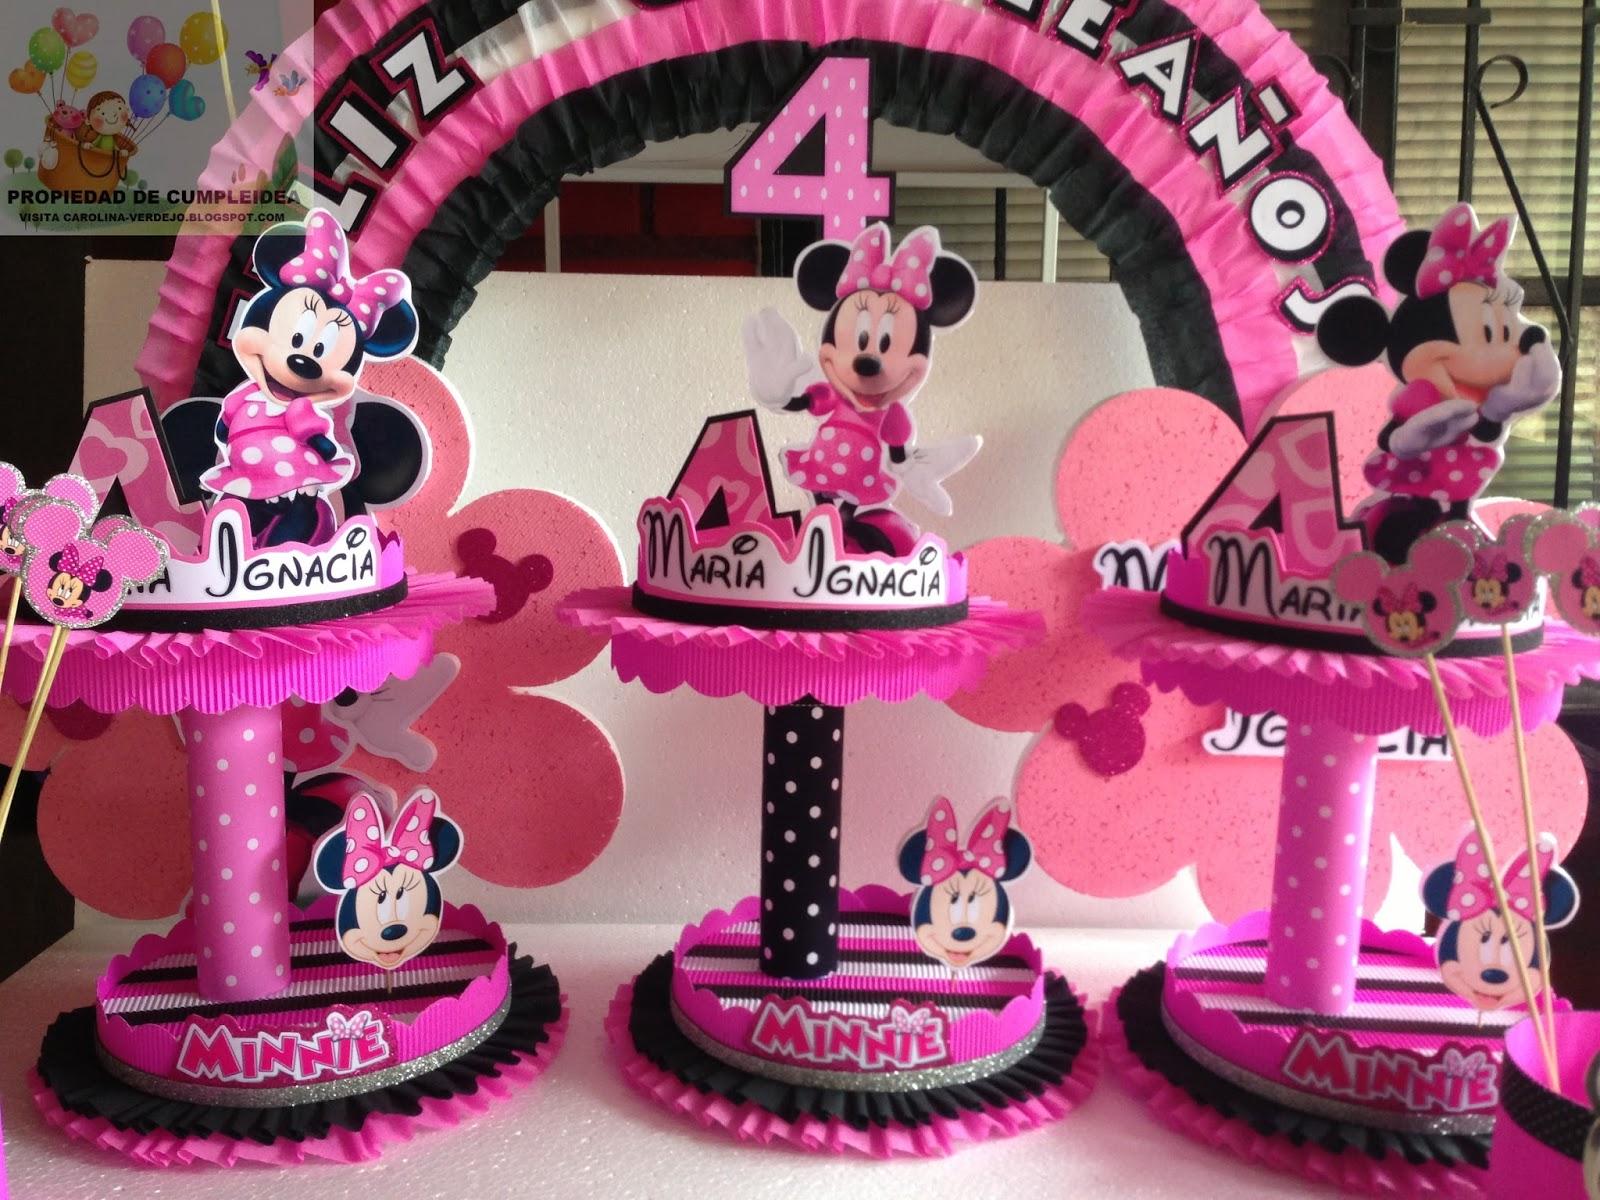 Decoraciones infantiles septiembre 2013 - Decoracion fiesta 18 cumpleanos ...